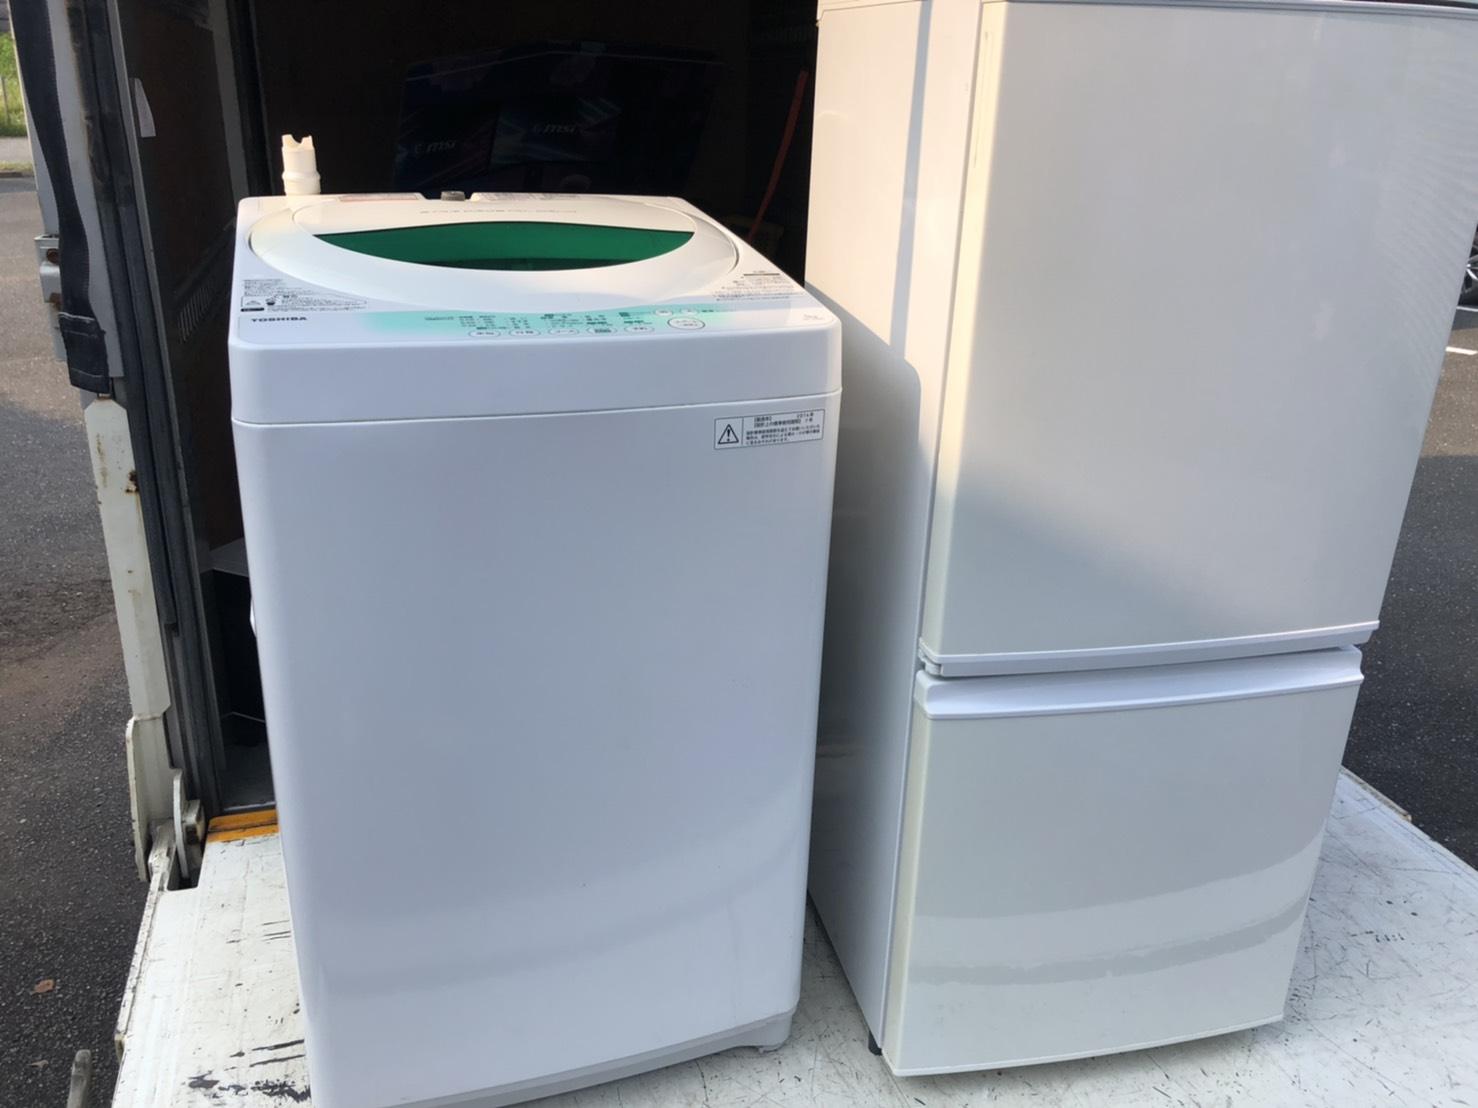 6/26★出張買取にて〈冷蔵庫・洗濯機・テレビ台〉を買取させていただきました! #出張買取 #マンガ倉庫 #武雄店 #白物 #家電#買取 #家具 #重い ★